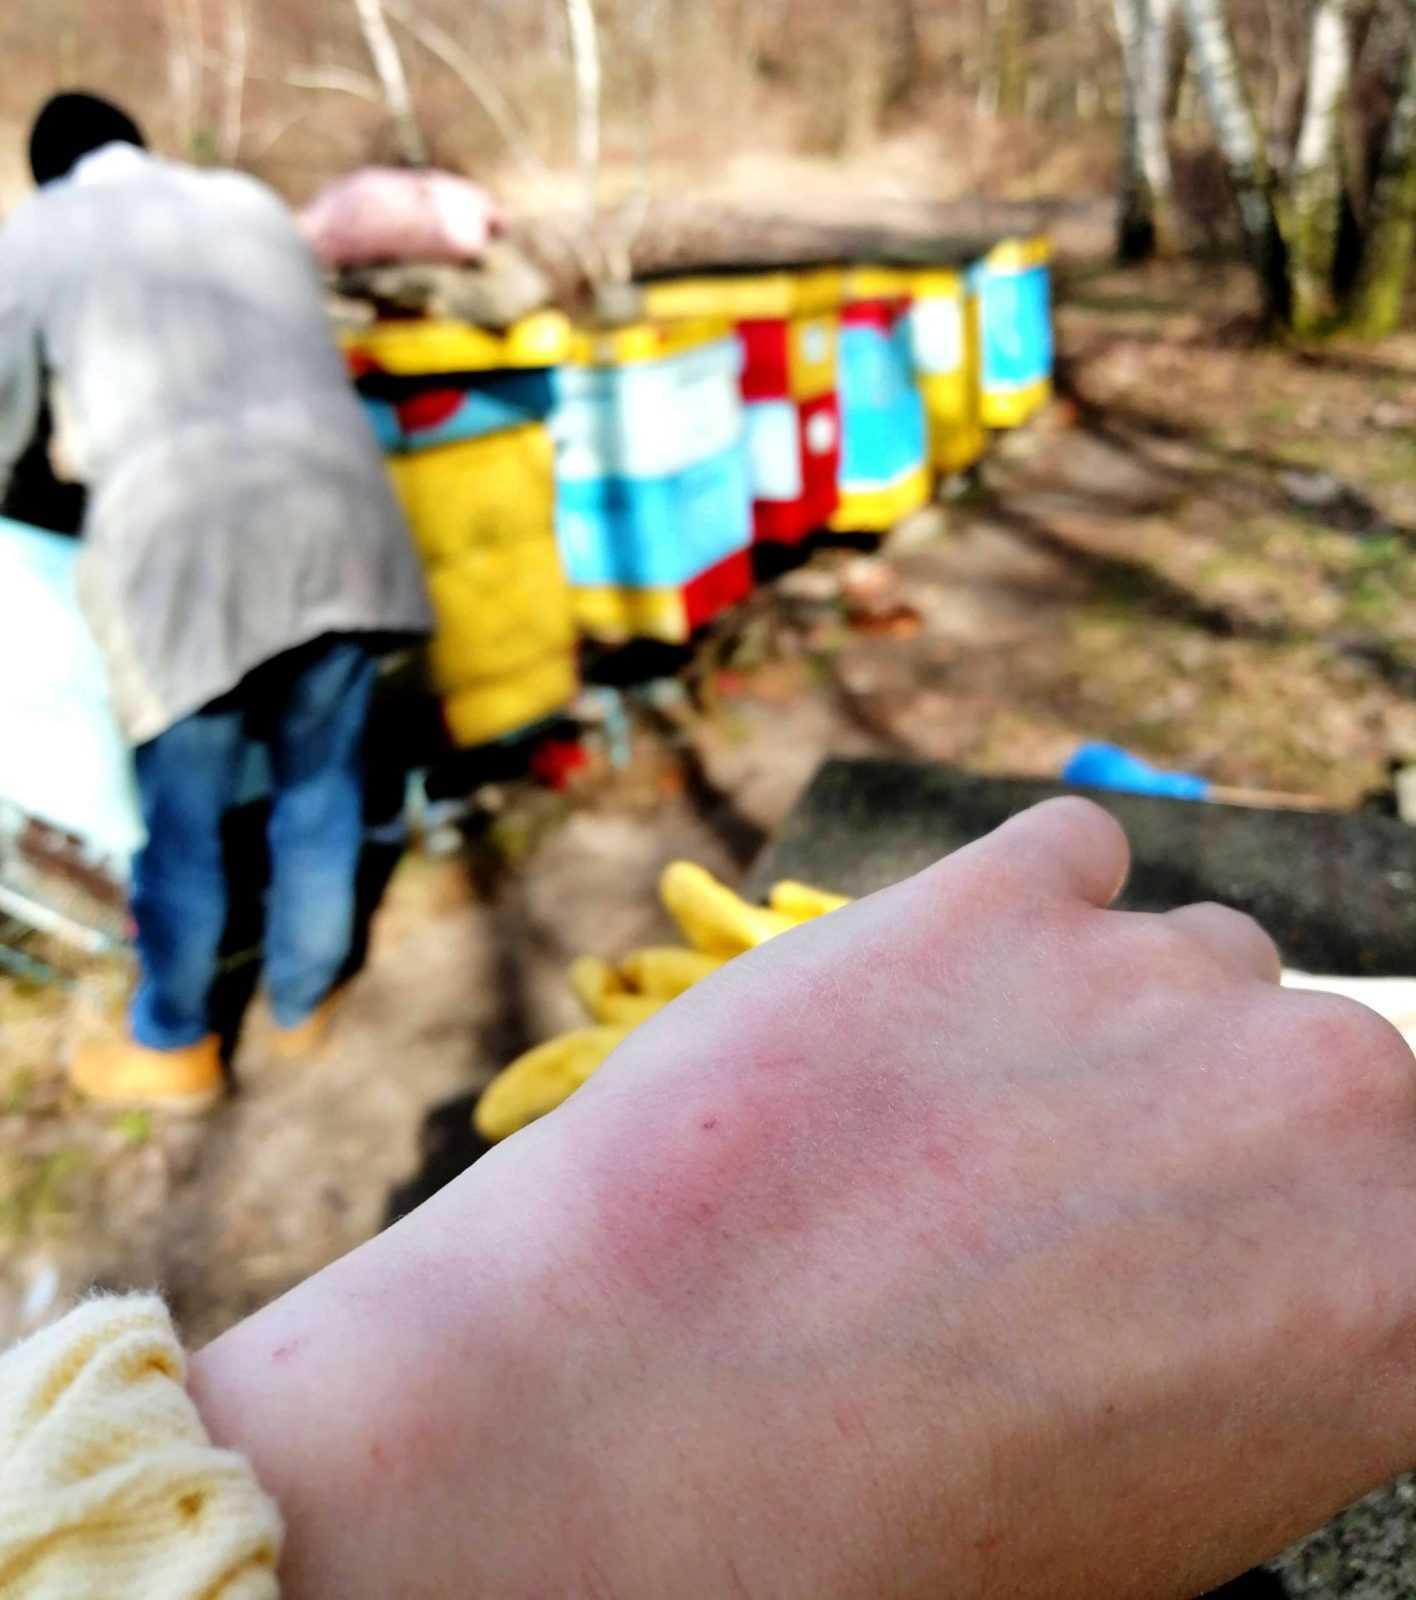 Jad pszczeli – jak sobie z nim radzić?